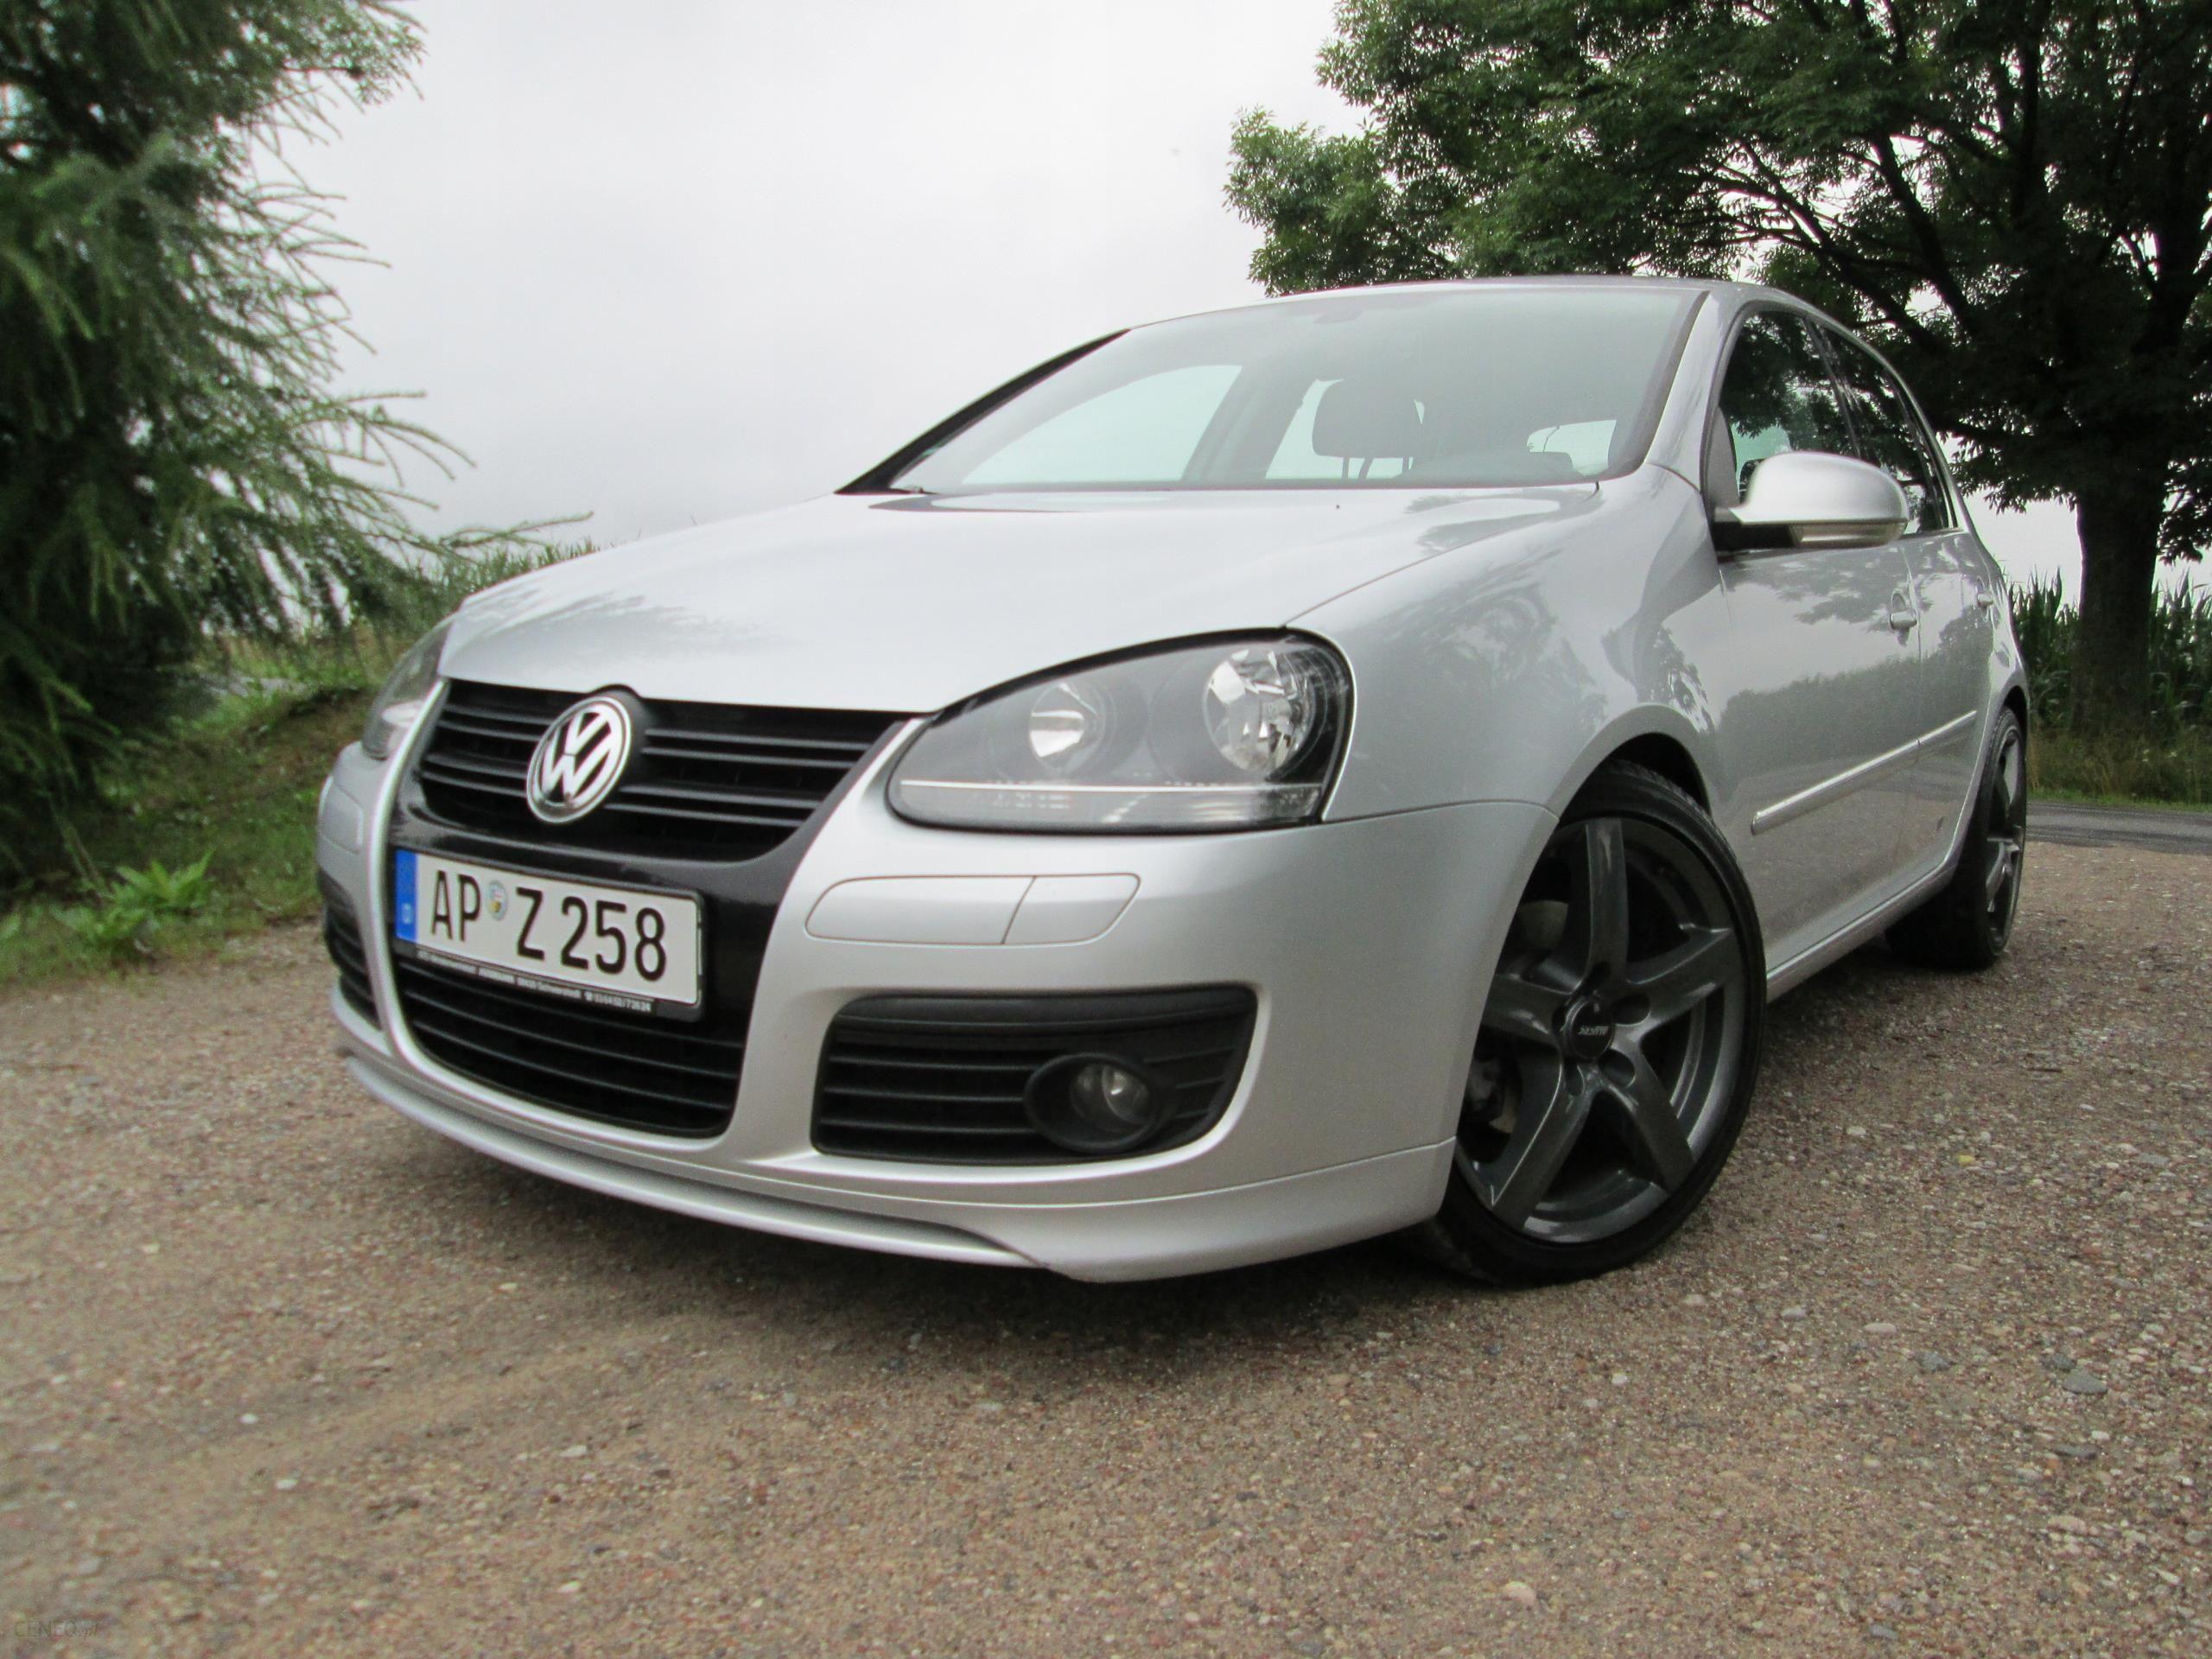 VW GOLF V GT 1 4TSI 140KM 6-Biegów ALU 18 - Opinie i ceny na Ceneo pl